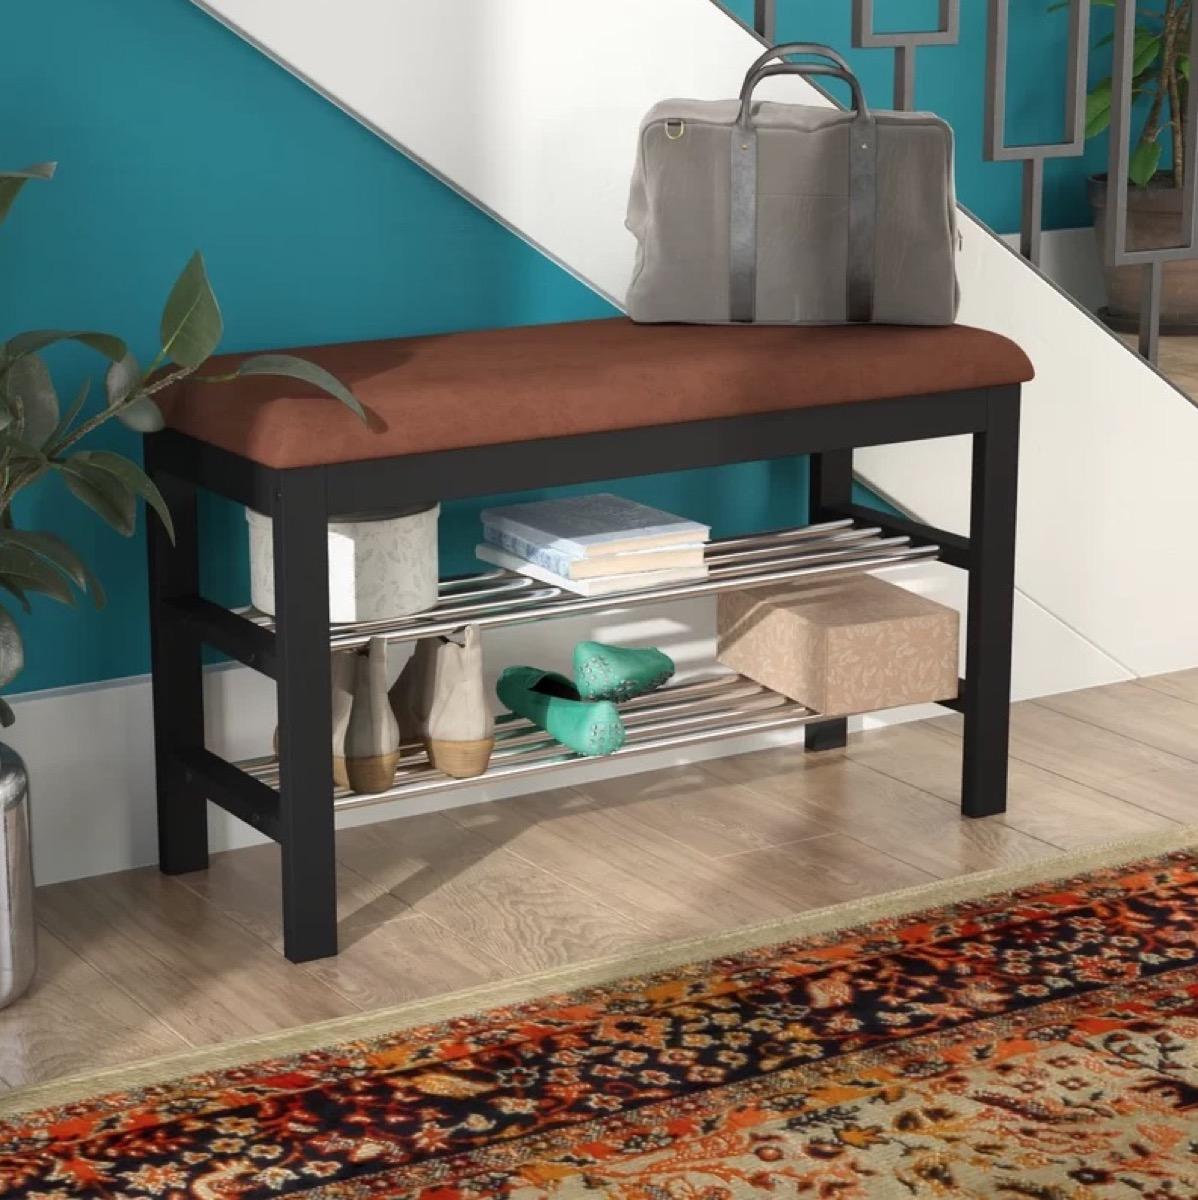 Wayfair Bench with Shoe Storage Storage Furniture